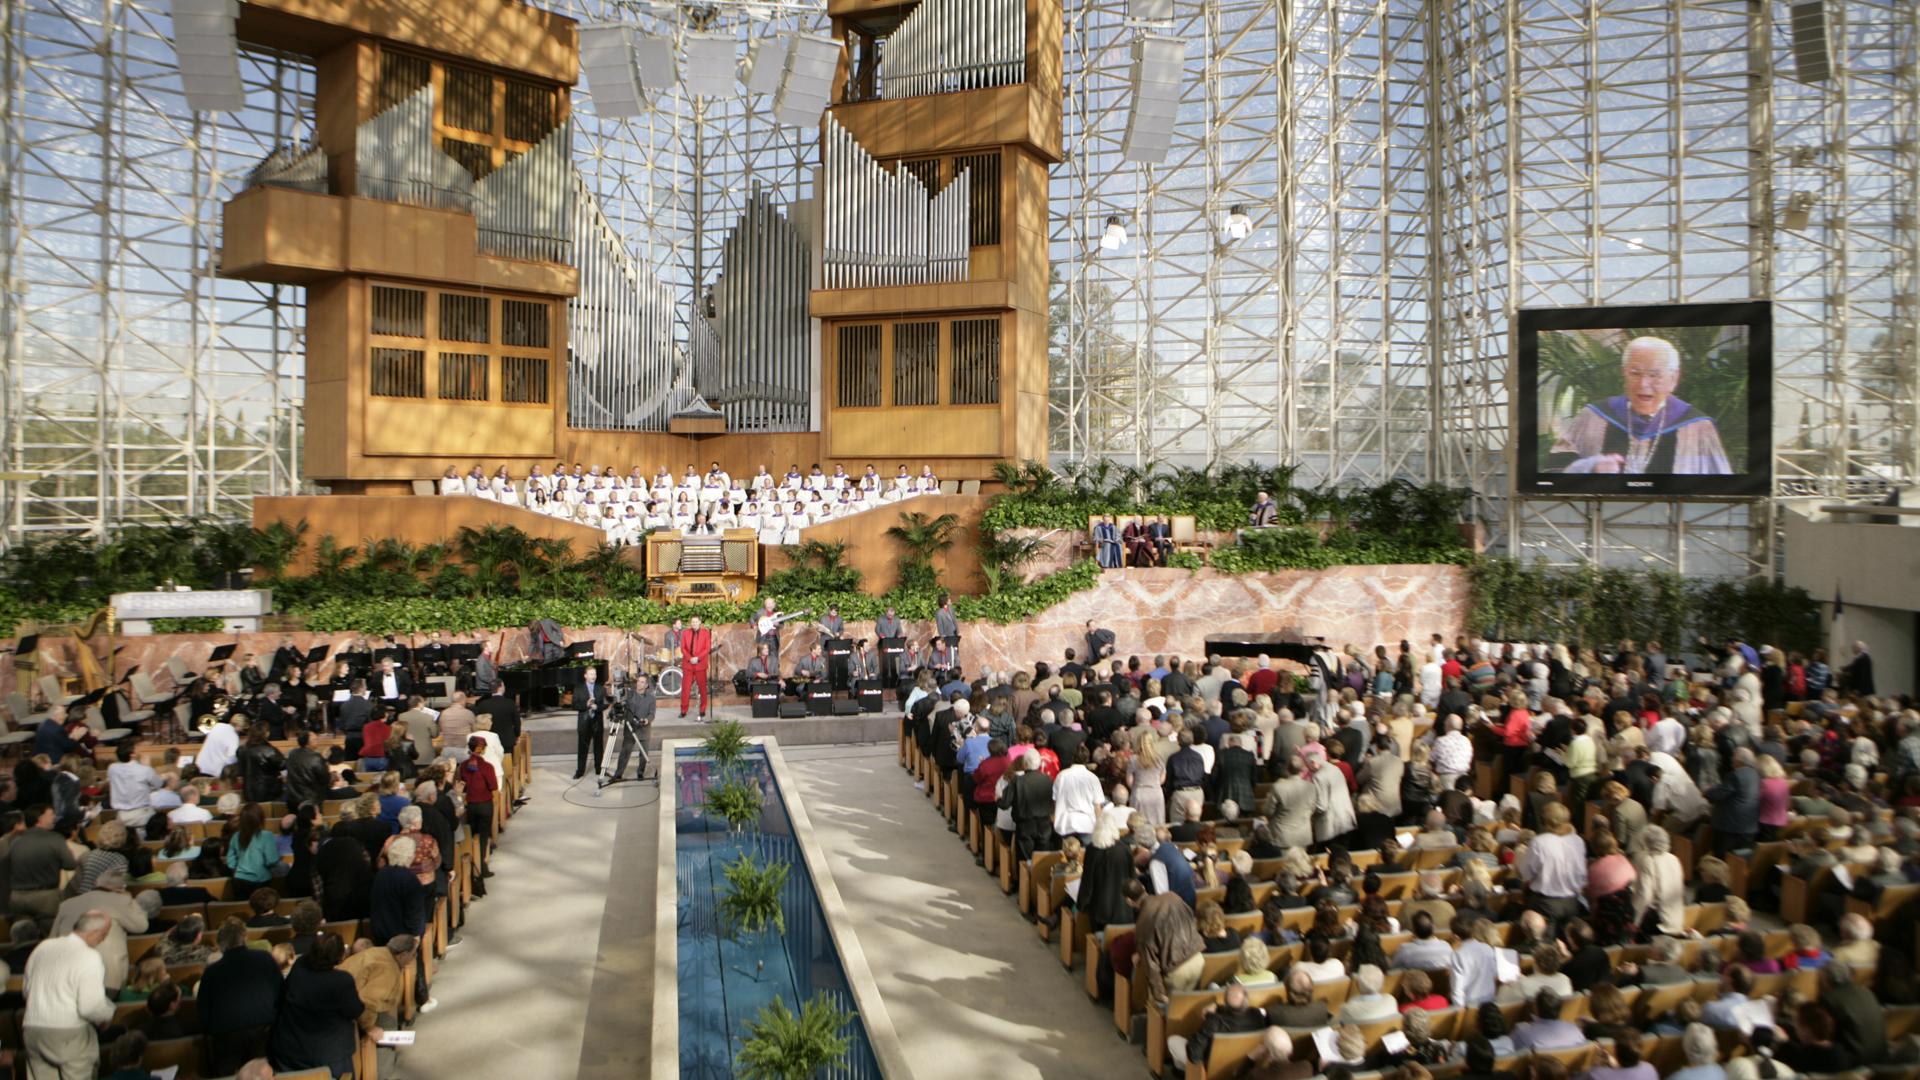 """In der """"Crystal Cathedral"""" in Garden Grove, Kalifornien baute Robert Schuller eine Megakirche auf. Von dort wurde jahrzehntelang der Fernsehgottesdienst """"Hour of Power"""" gesendet. 2012 ging die Gemeinde insolvent, das Gebäude wurde an die Katholische Kirche verkauft."""